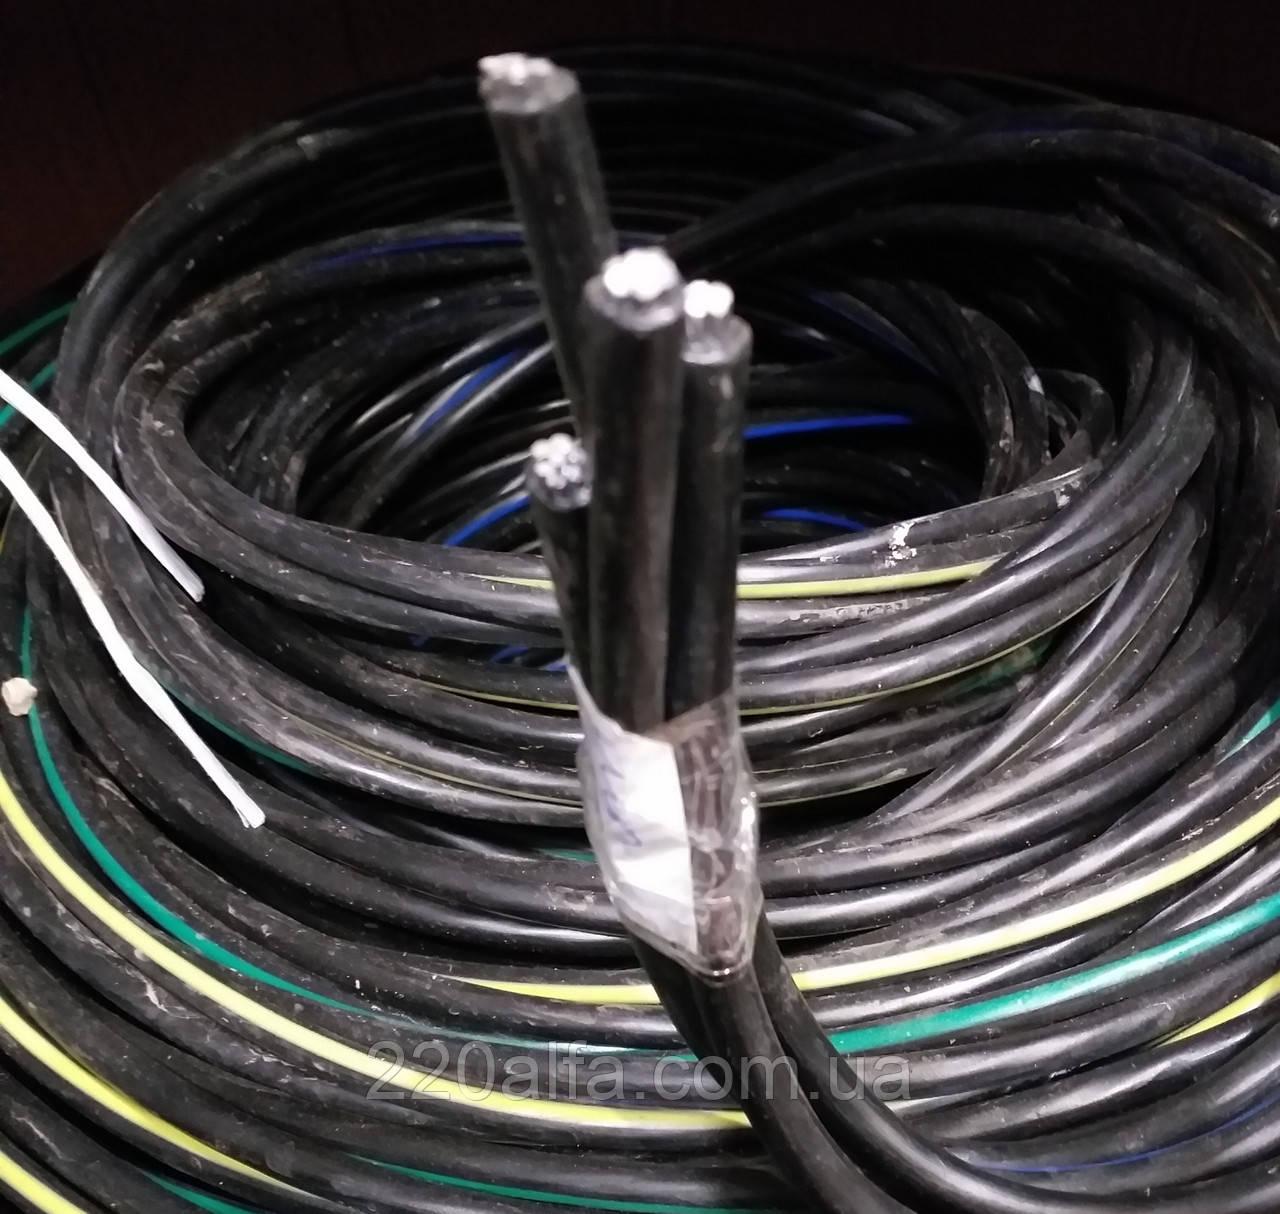 Самонесущий алюминиевый провод СИП-4 нг 4х25